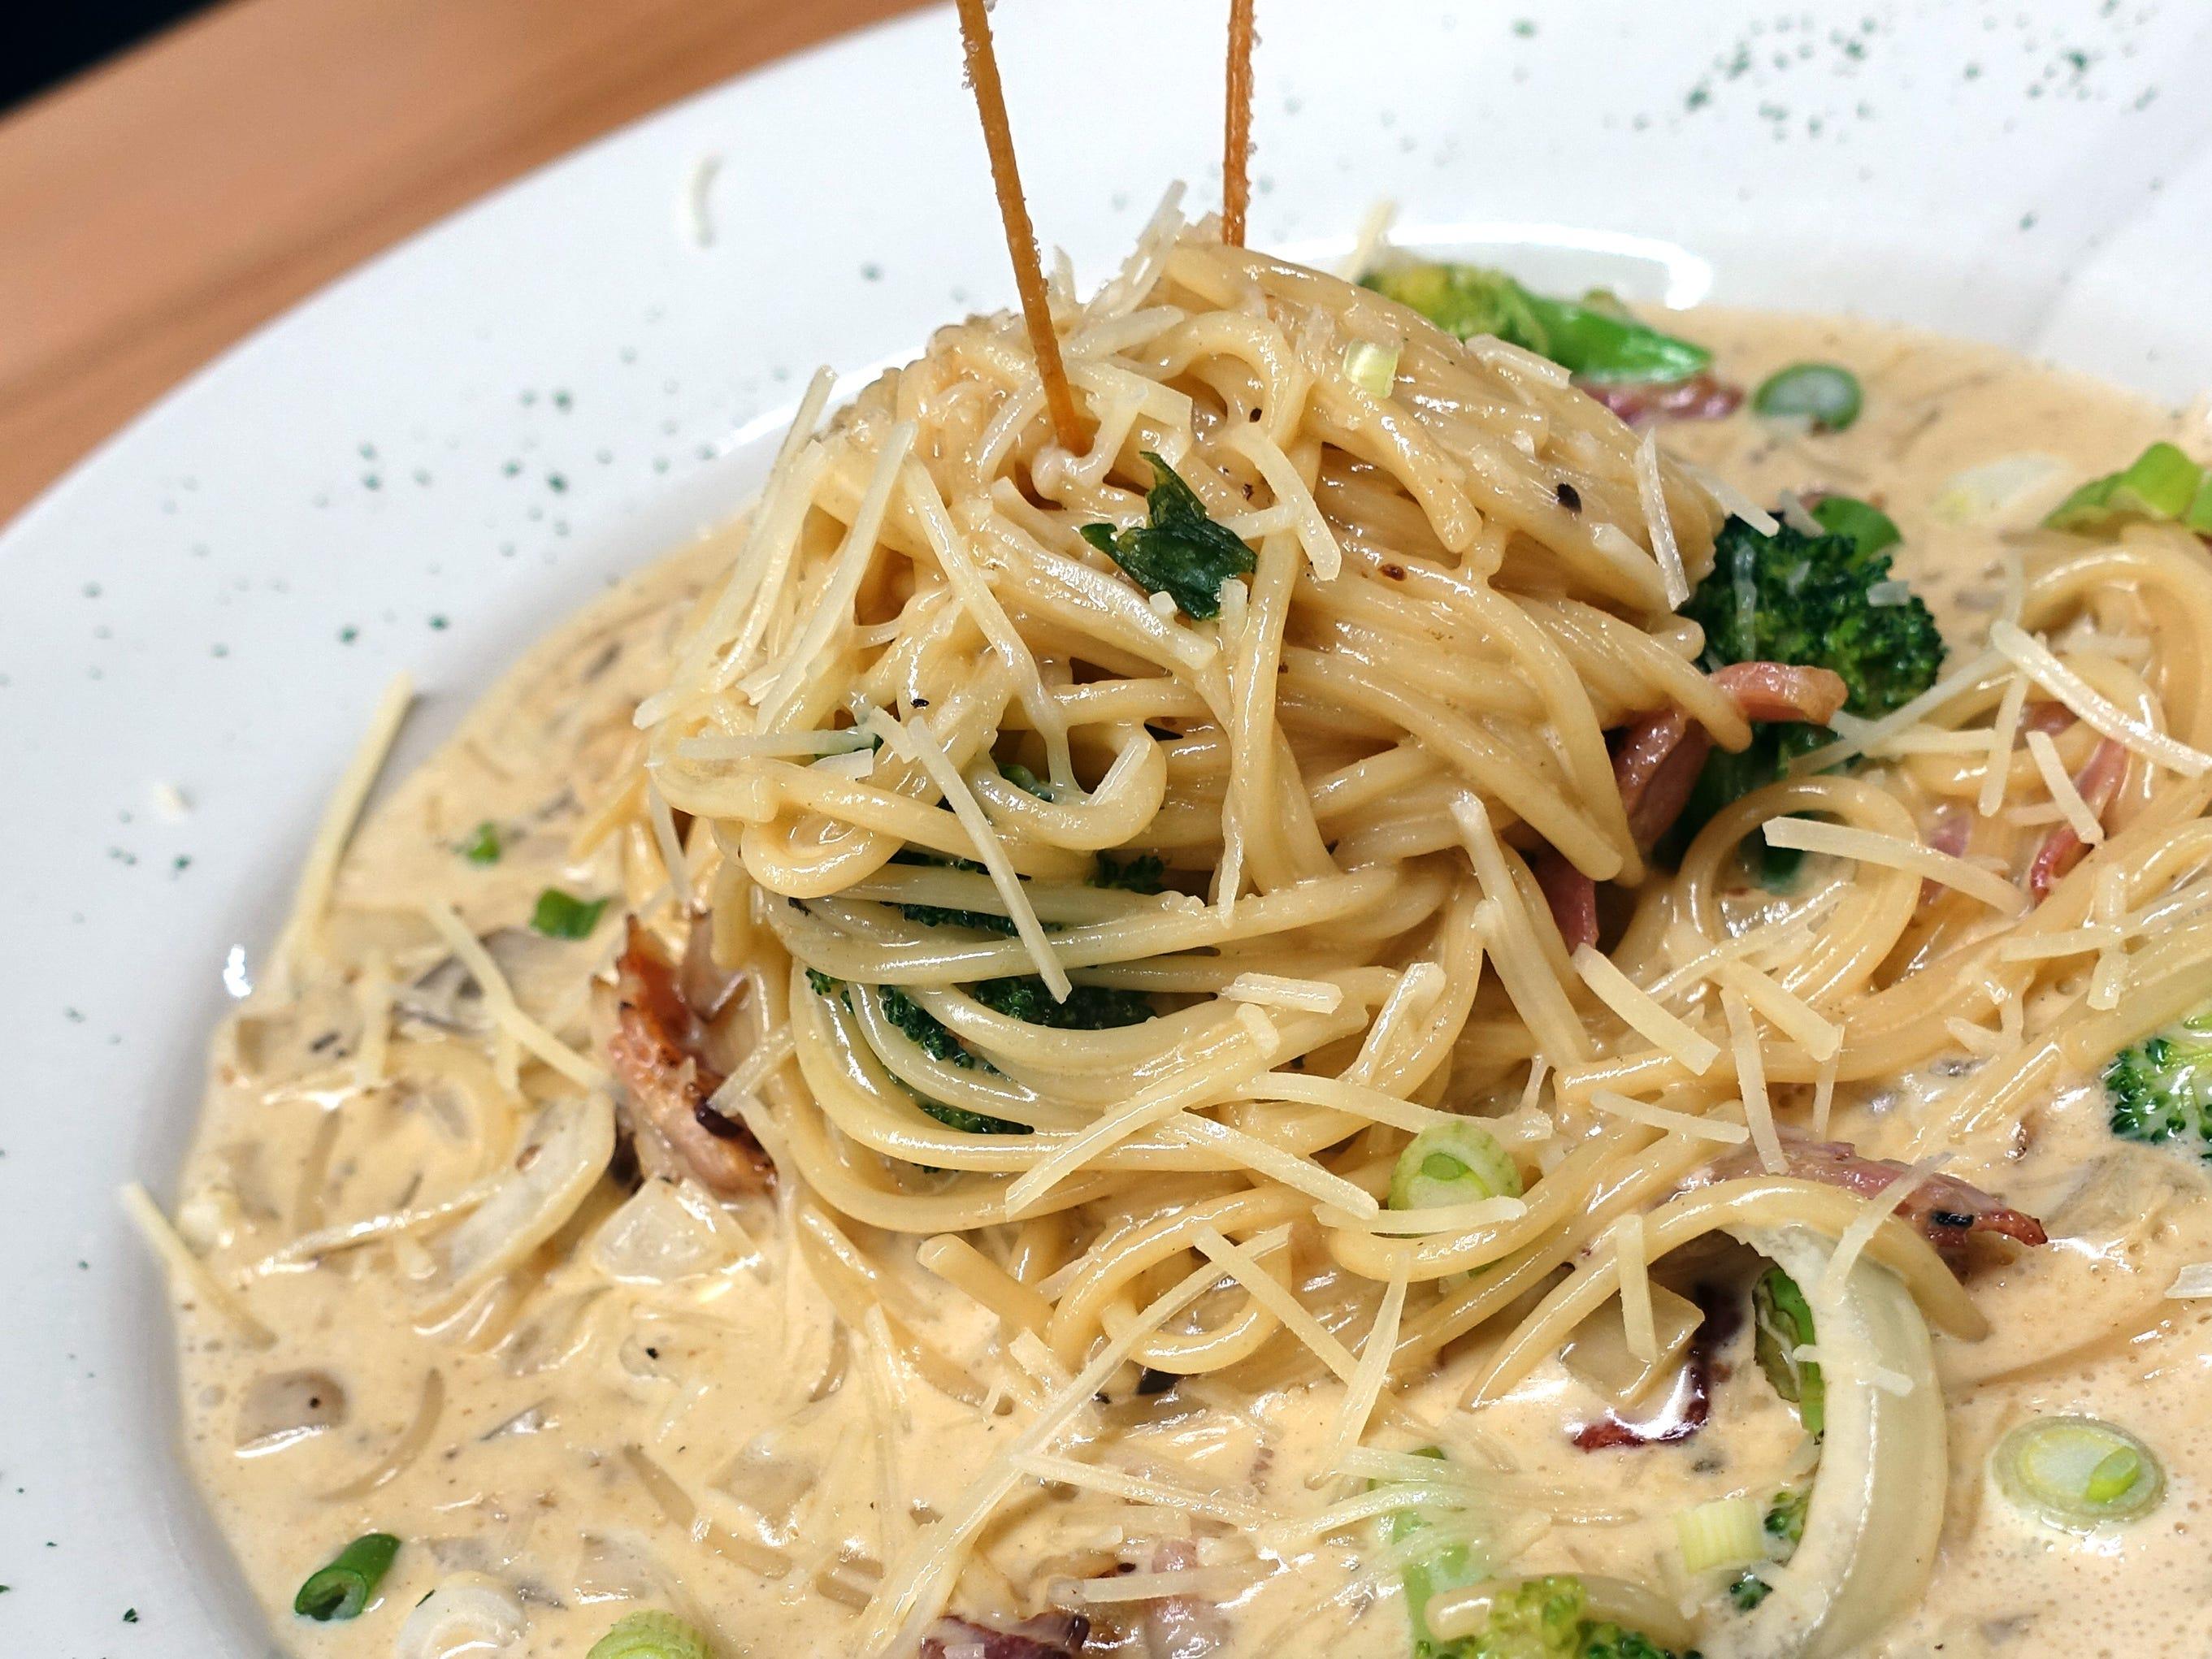 Carbonara pasta at Katsu at Asiana Market in Mesa.